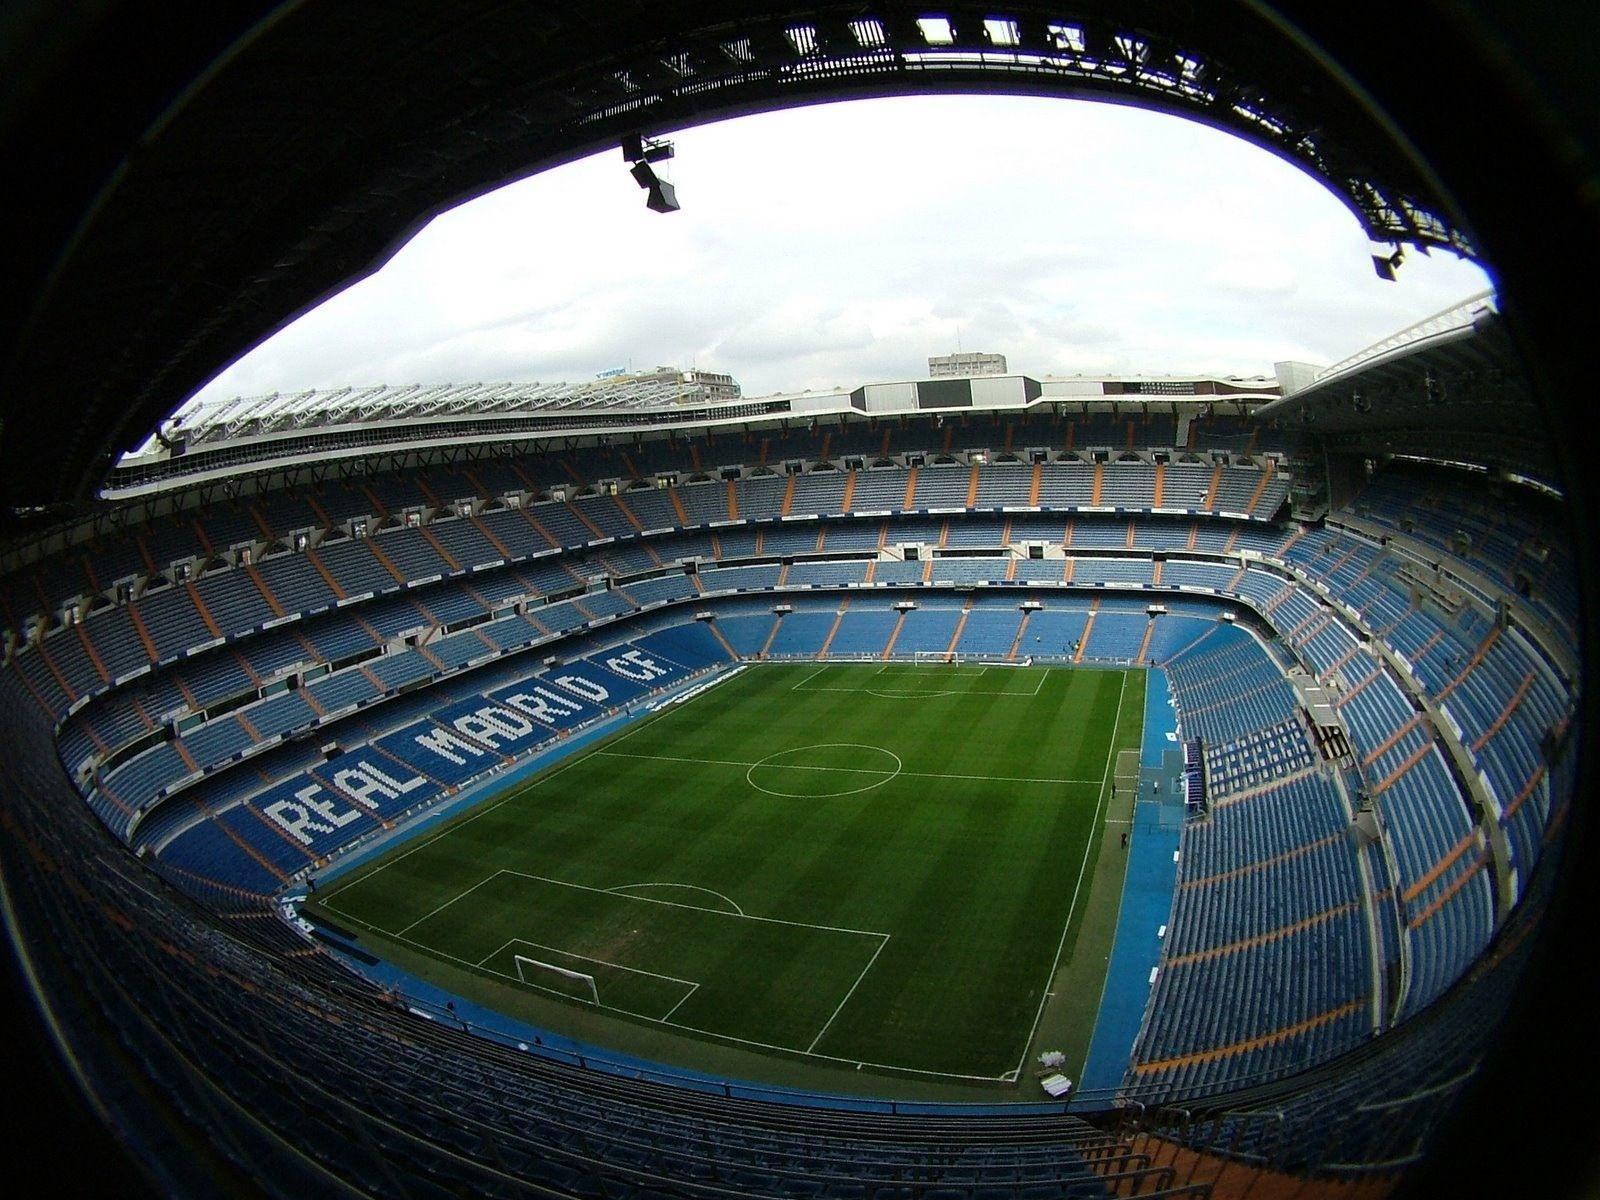 сантьяго бернабеу фото стадиона принесла артистке признание